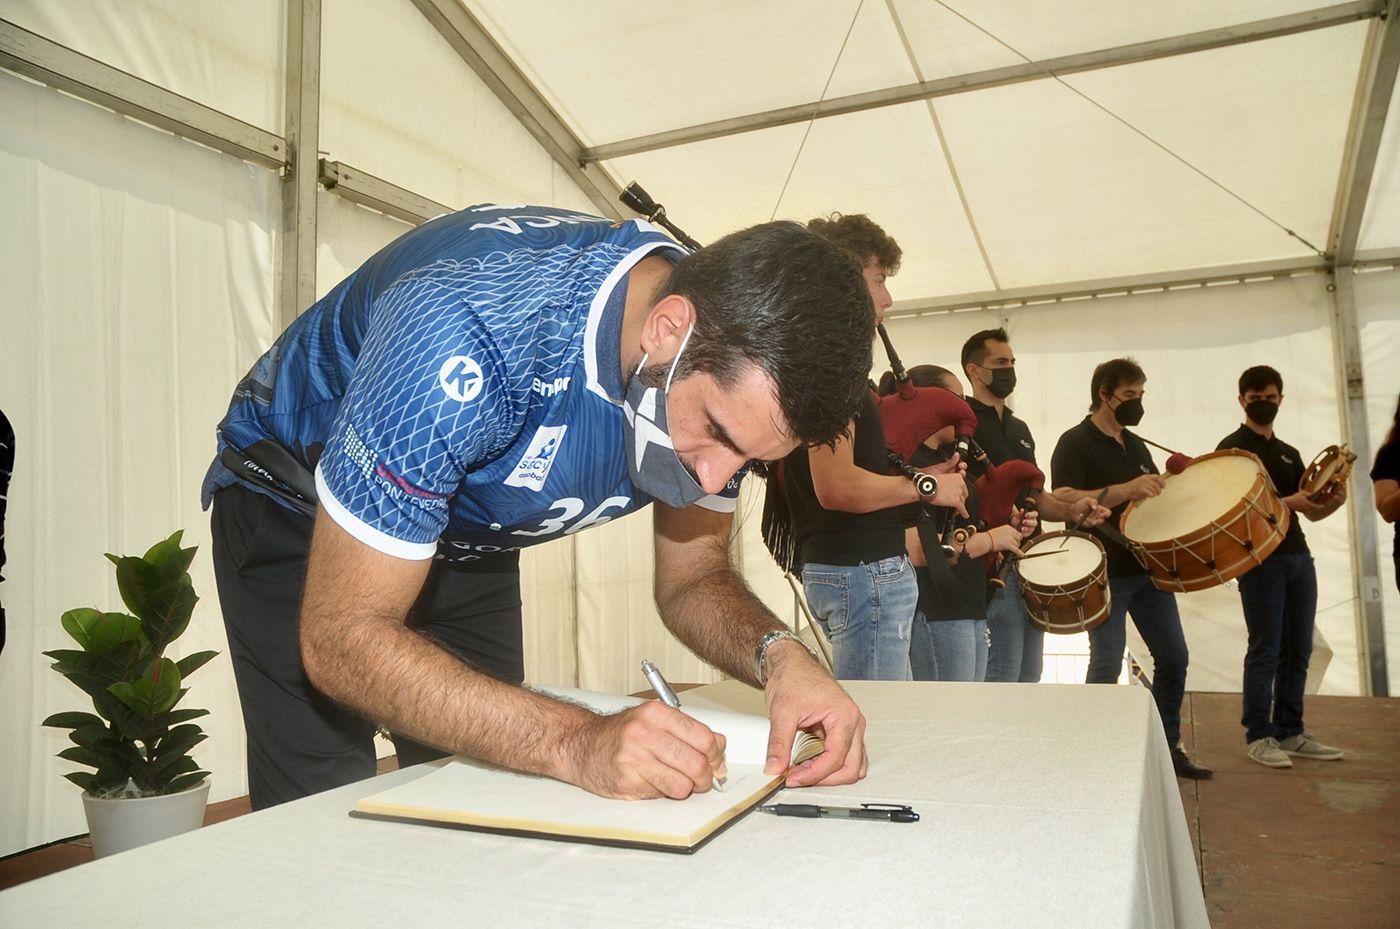 Corrales firma en el libro del Concello, con el grupo Tromentelo al fondo. Rafa Vázquez.jpg